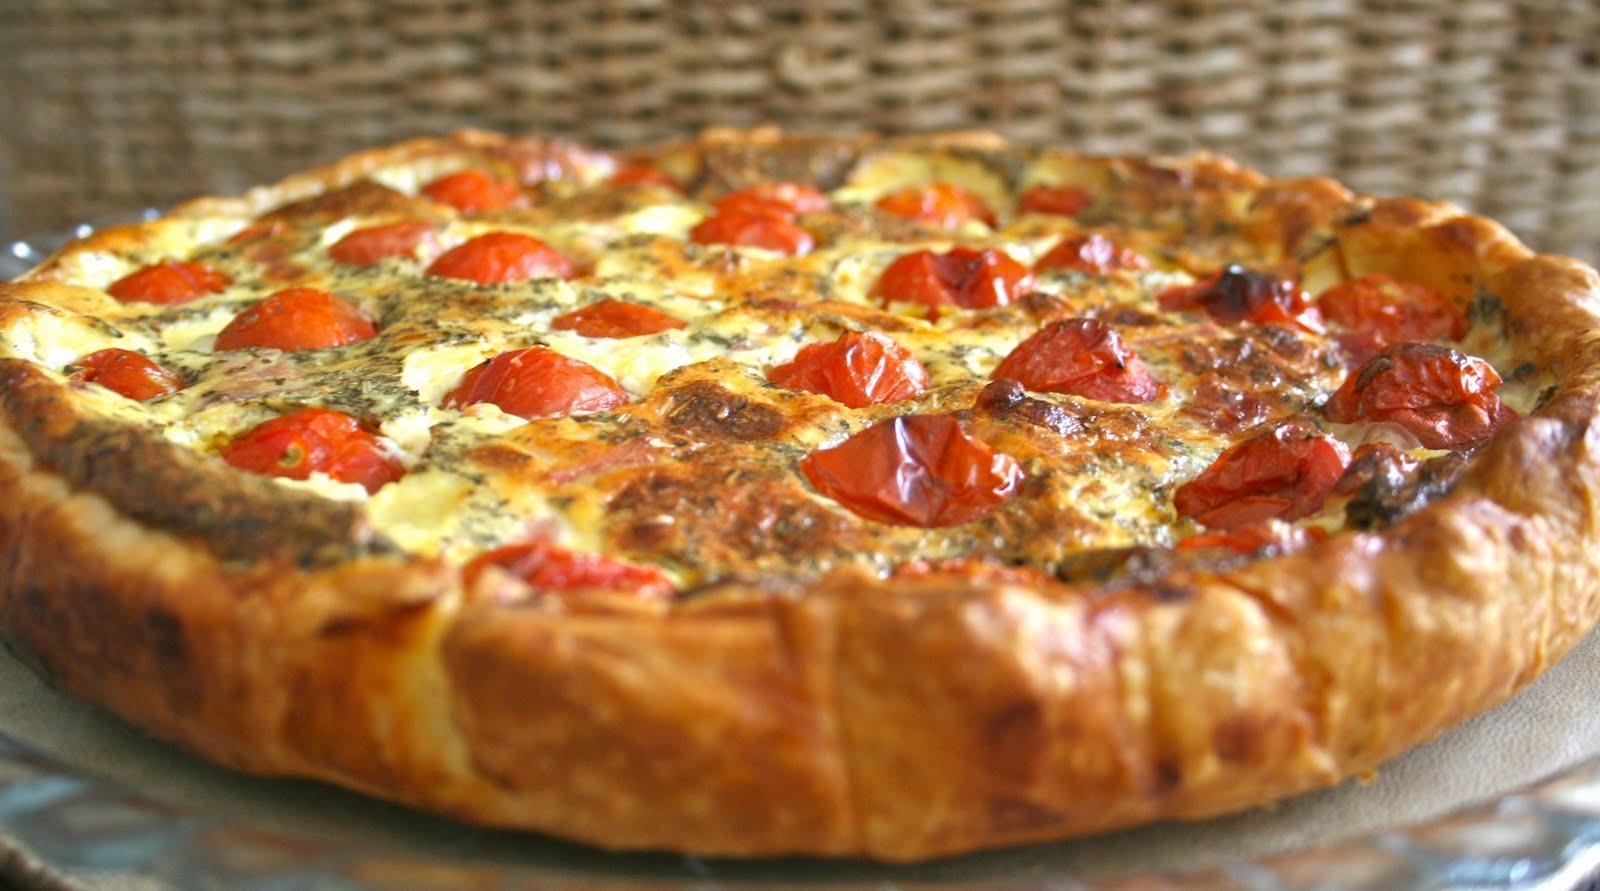 publi par kak le juil 9 2011 dans tartes quiches pizzas 4 commentaires. Black Bedroom Furniture Sets. Home Design Ideas